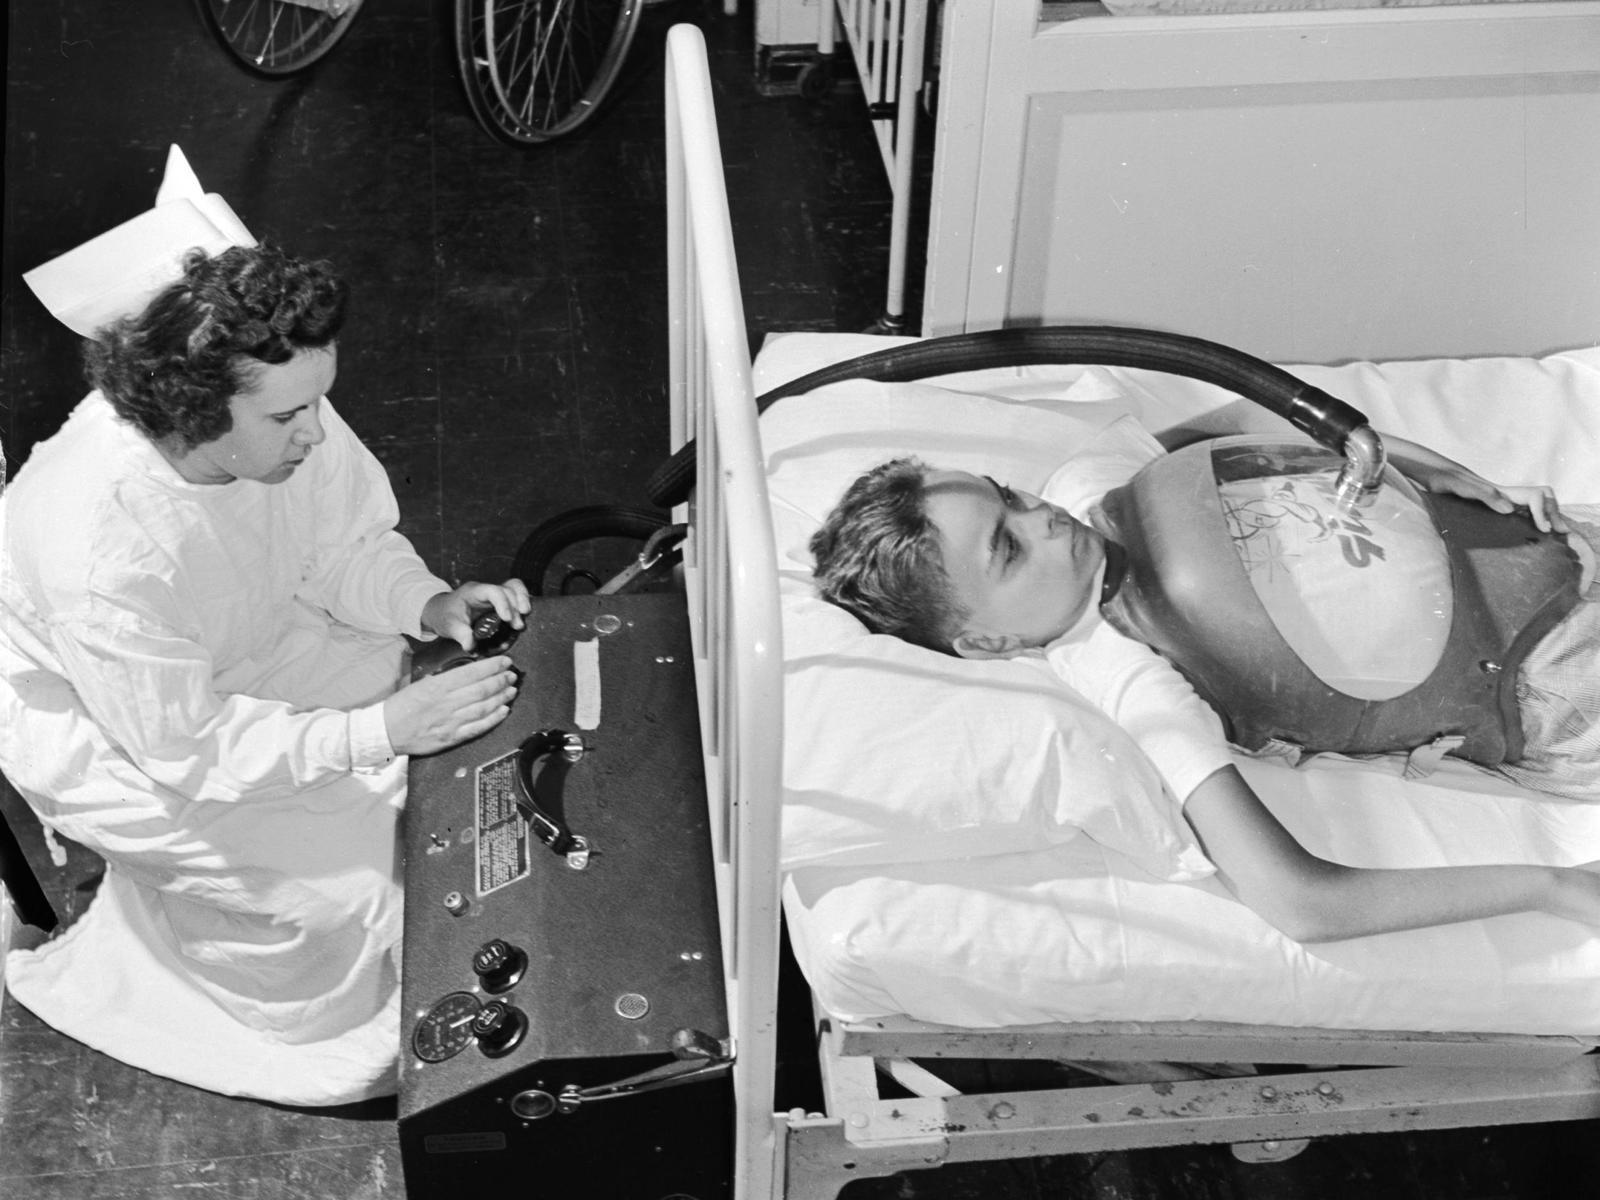 Полиомиелит — симптомы и распространение заболевания. Кто в группе риска — фото 3